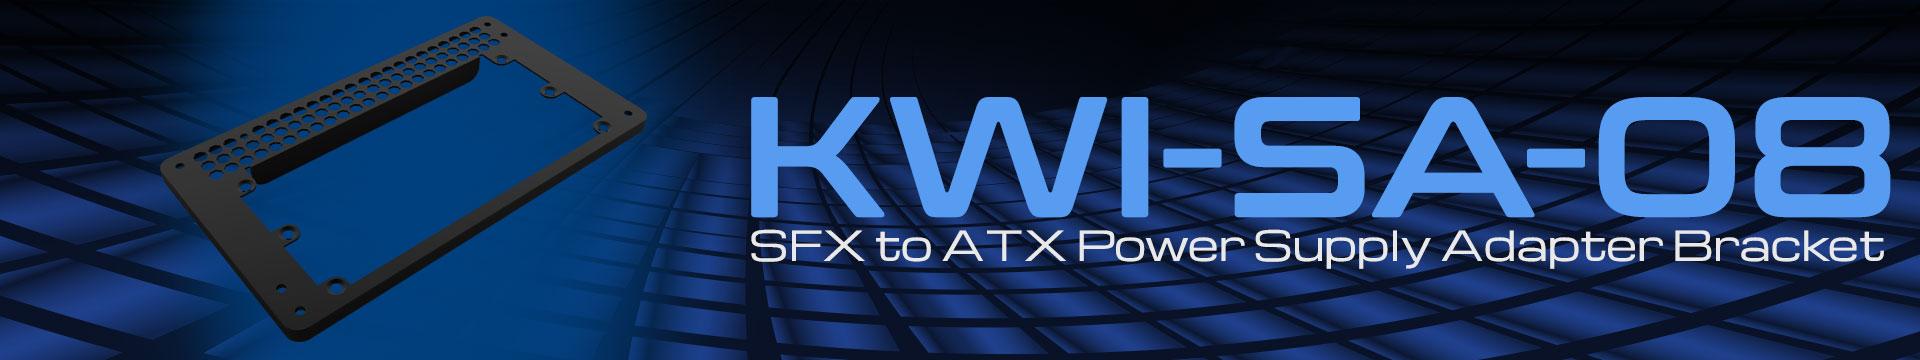 KWI-SA-08_WEB_BANNER